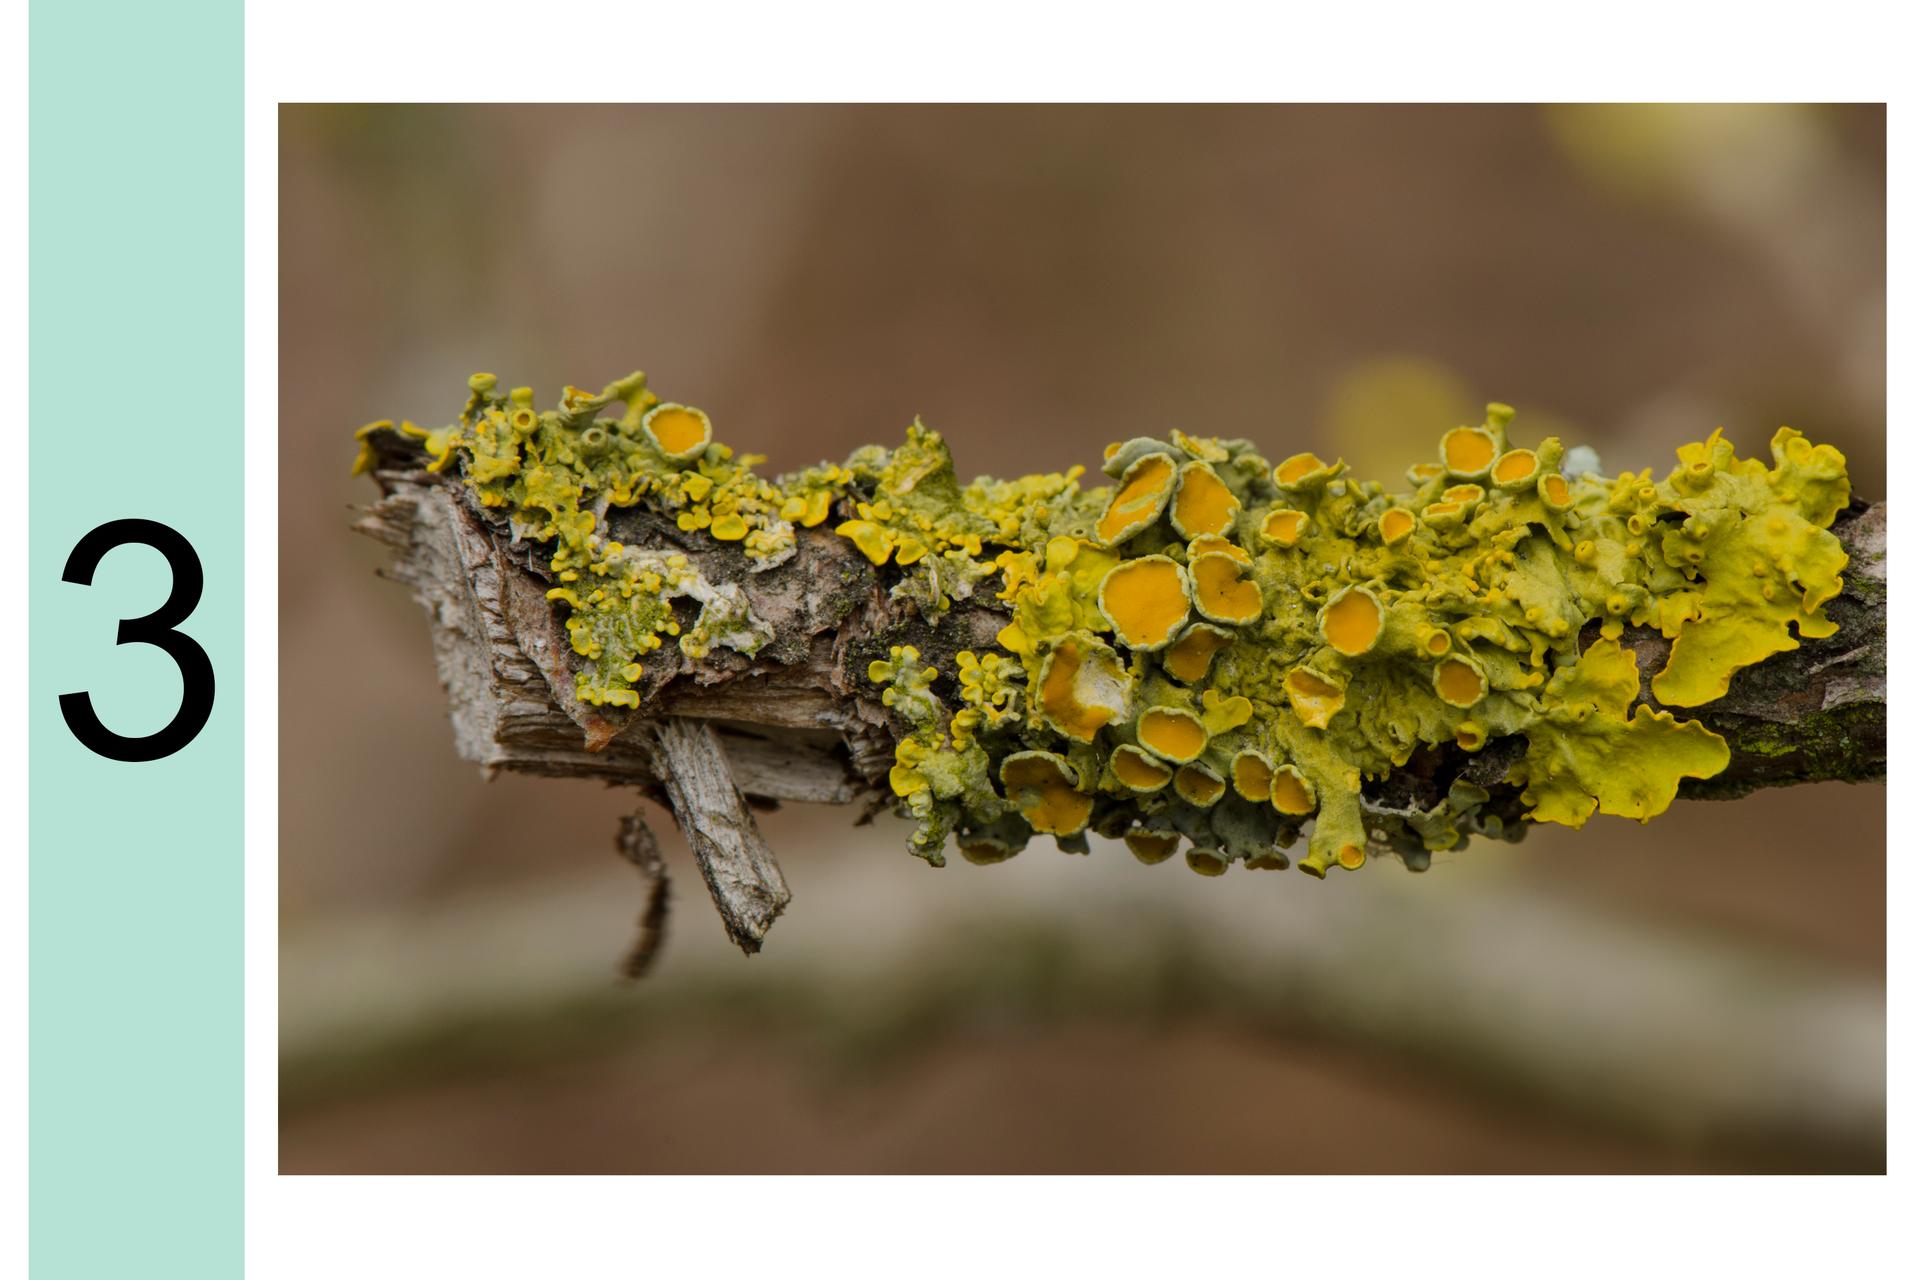 Fotografia przedstawia zbliżenie gałęzi drzewa, pokrytej żółtymi ipomarańczowymi porostami listkowatymi. Zlewej cyfra 3. Oznacza to, że jest duże zanieczyszczenie powietrza.